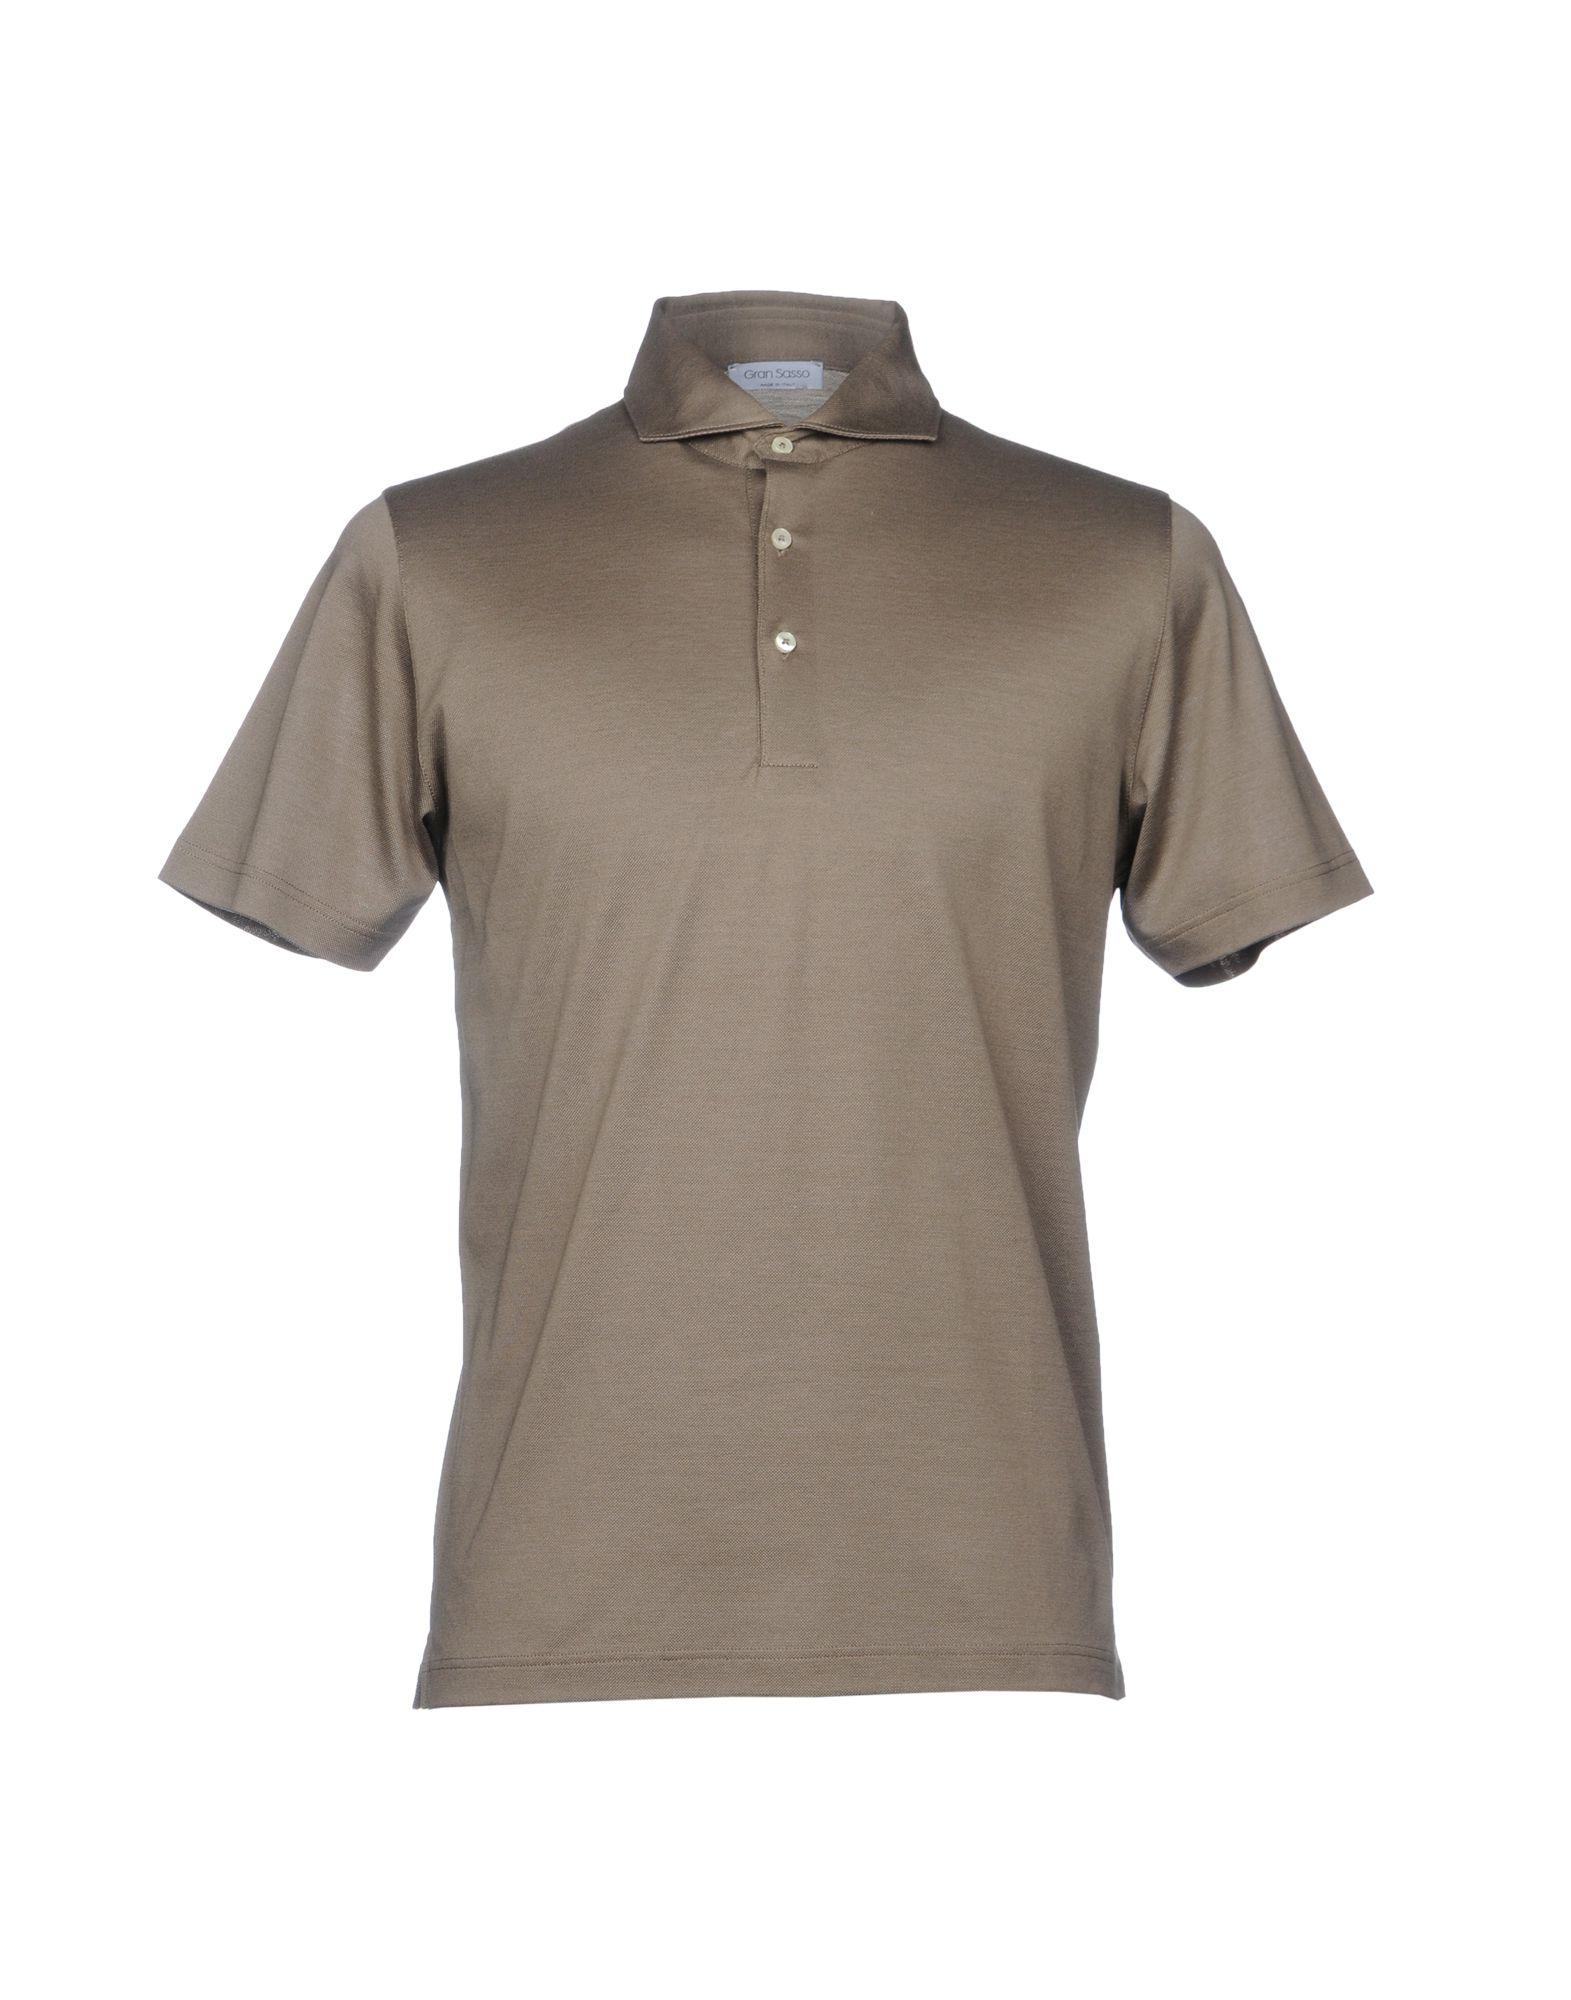 GRAN SASSO Herren Poloshirt Farbe Khaki Größe 4 jetztbilligerkaufen